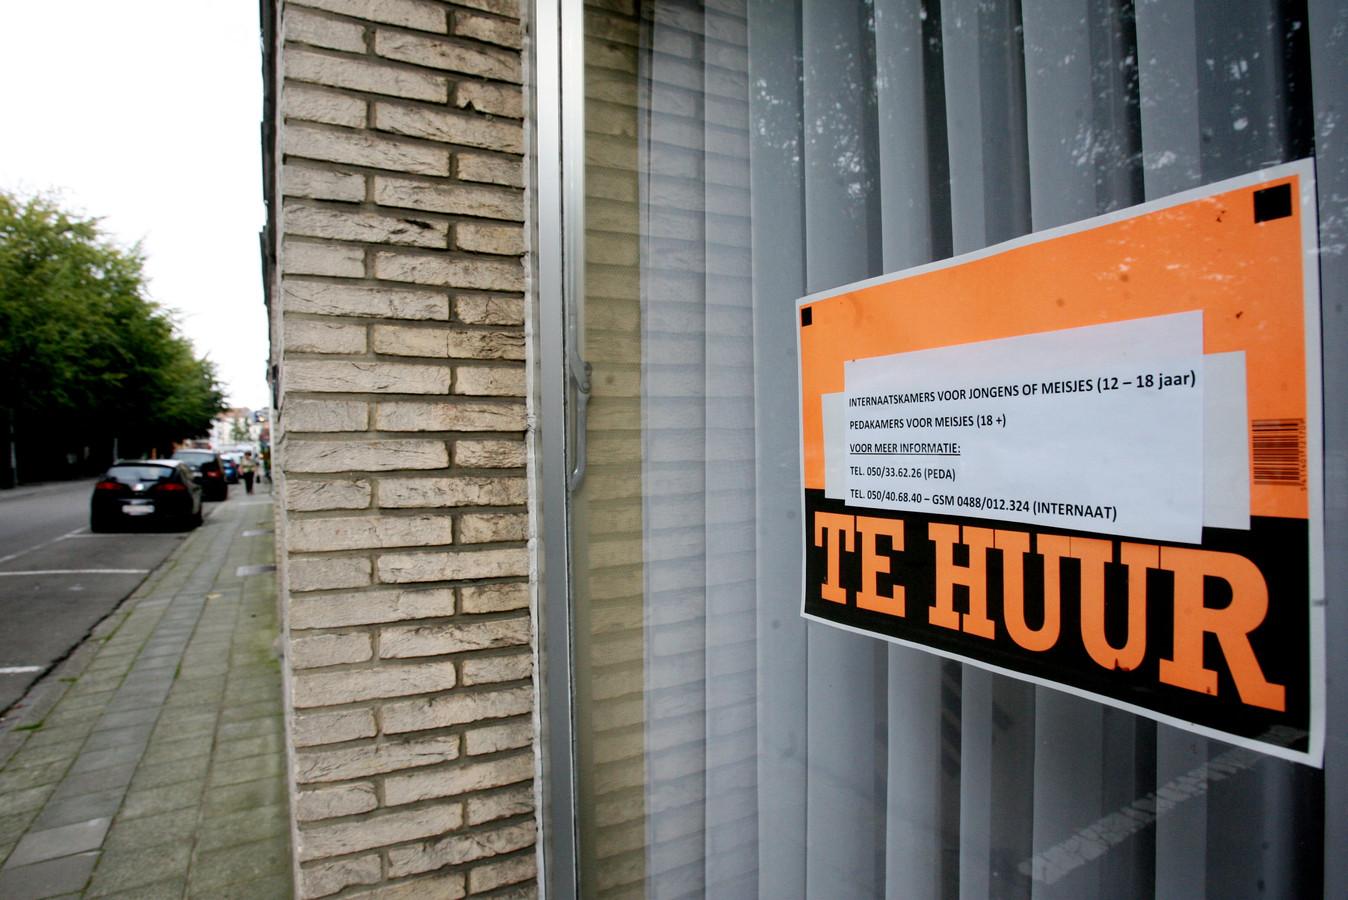 Elke verhuurder in Brugge, van een huis, appartement of dergelijke meer, zal een conformiteitsattest moeten kunnen voorleggen.